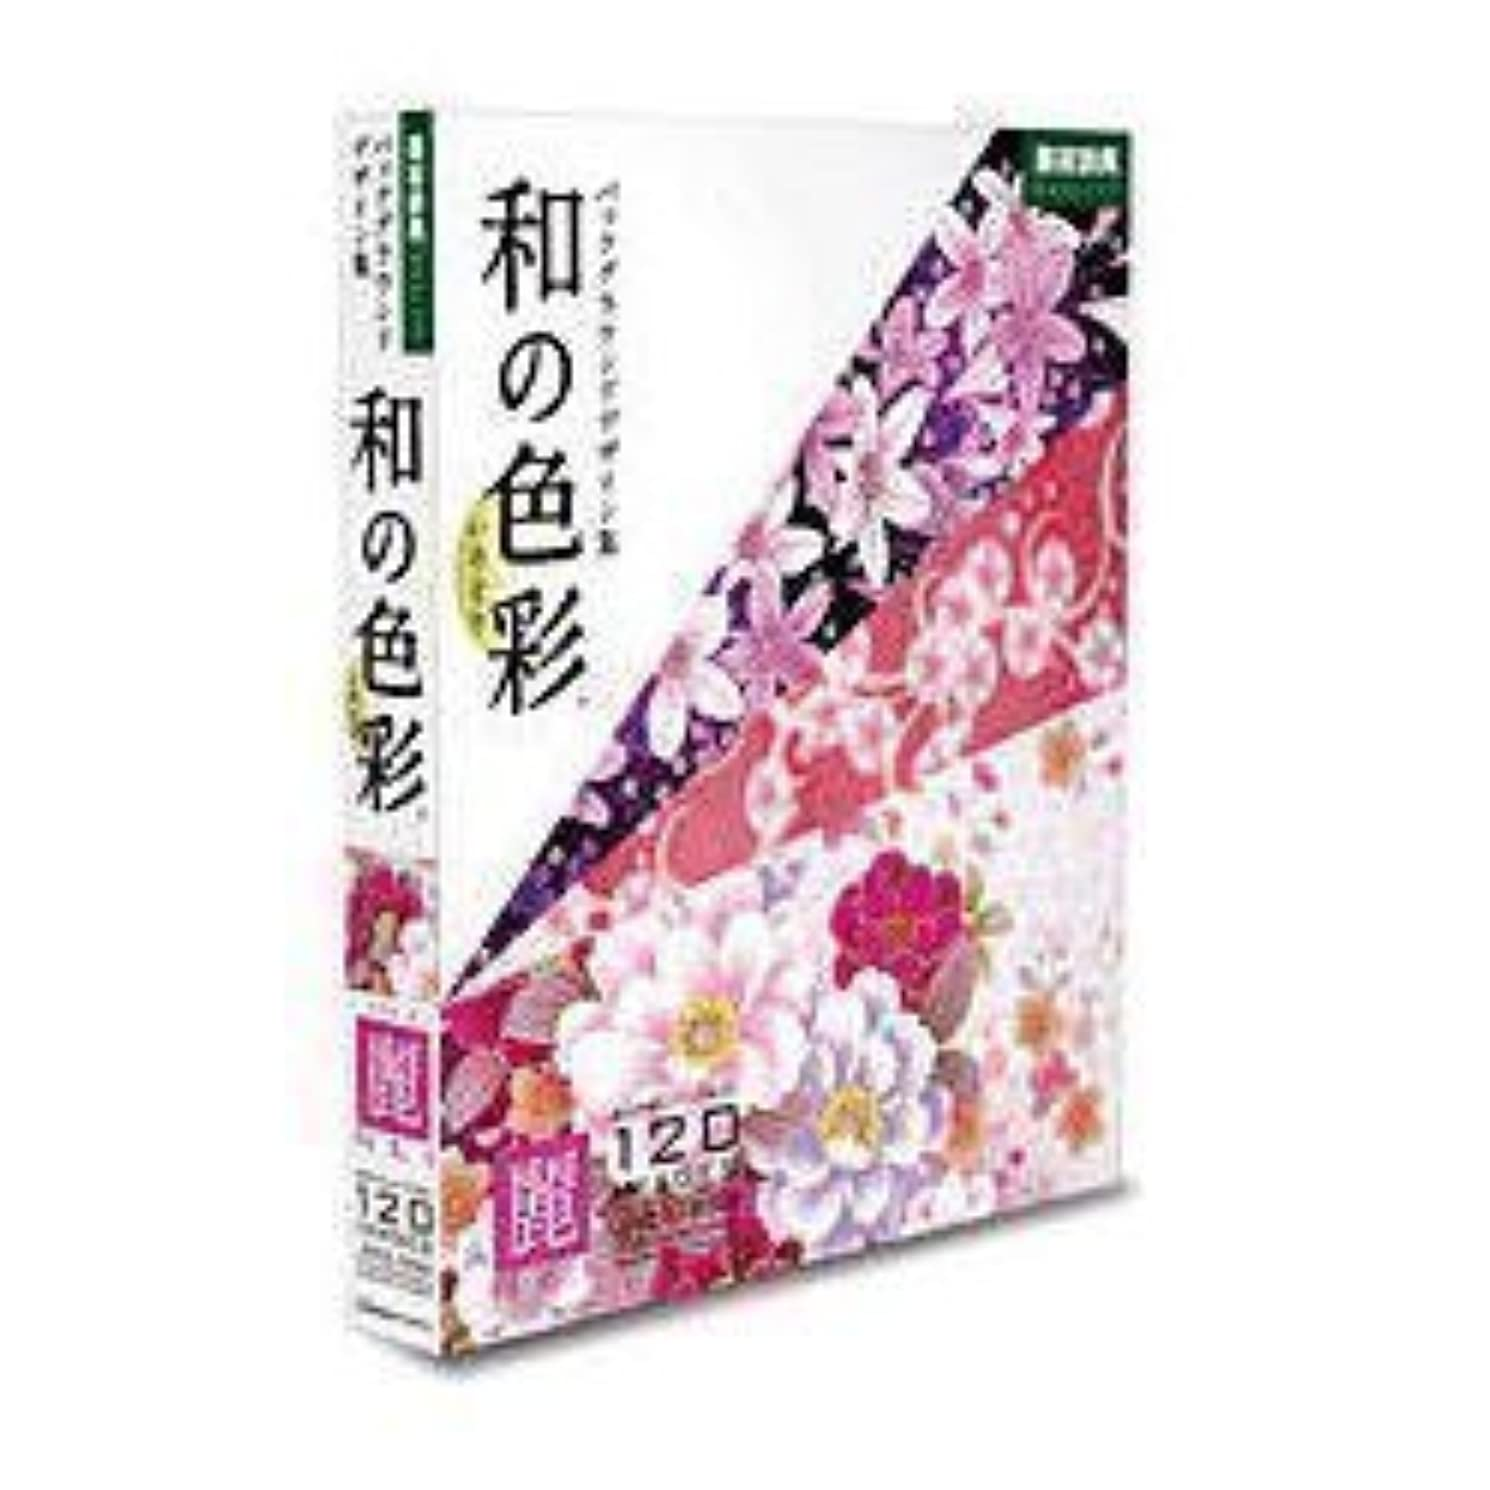 返済へこみ承認和の色彩(いろどり) Vol.4<麗>